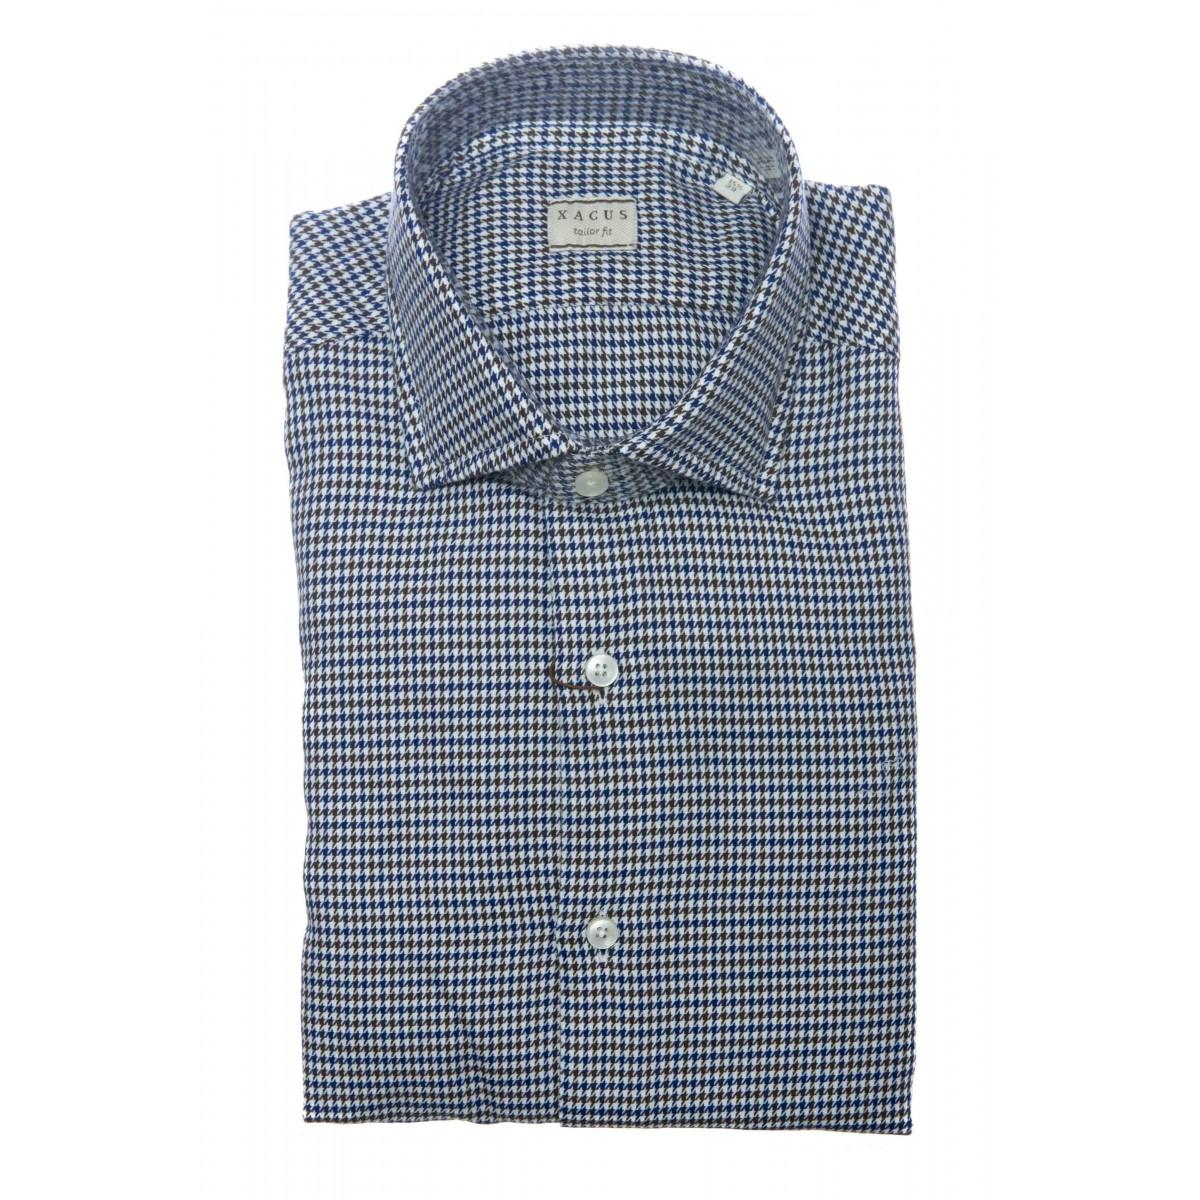 Camicia uomo - 748 71319 camicia filato compact